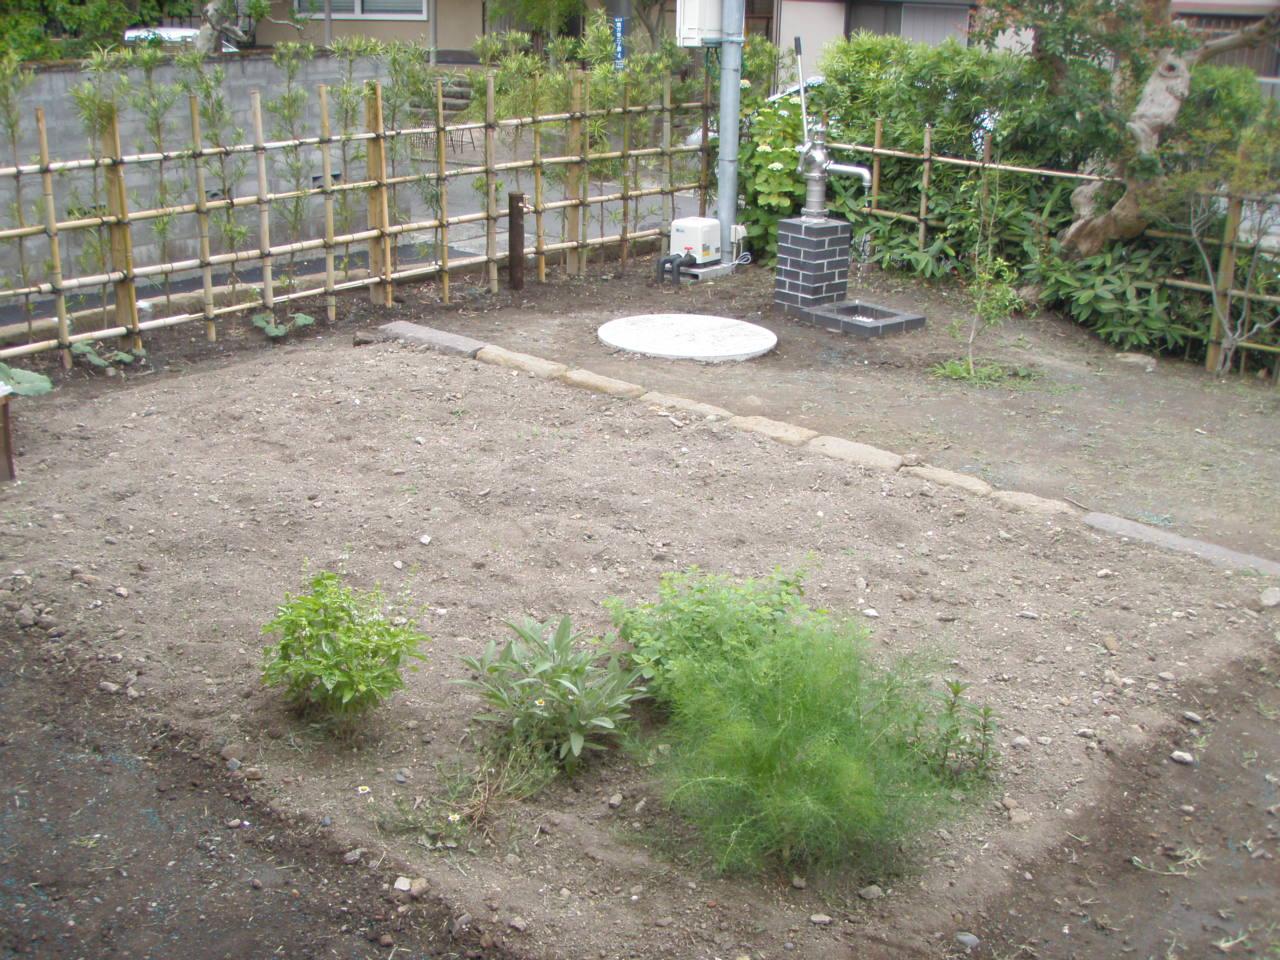 井戸を活かしたお庭づくり_b0170161_1530554.jpg